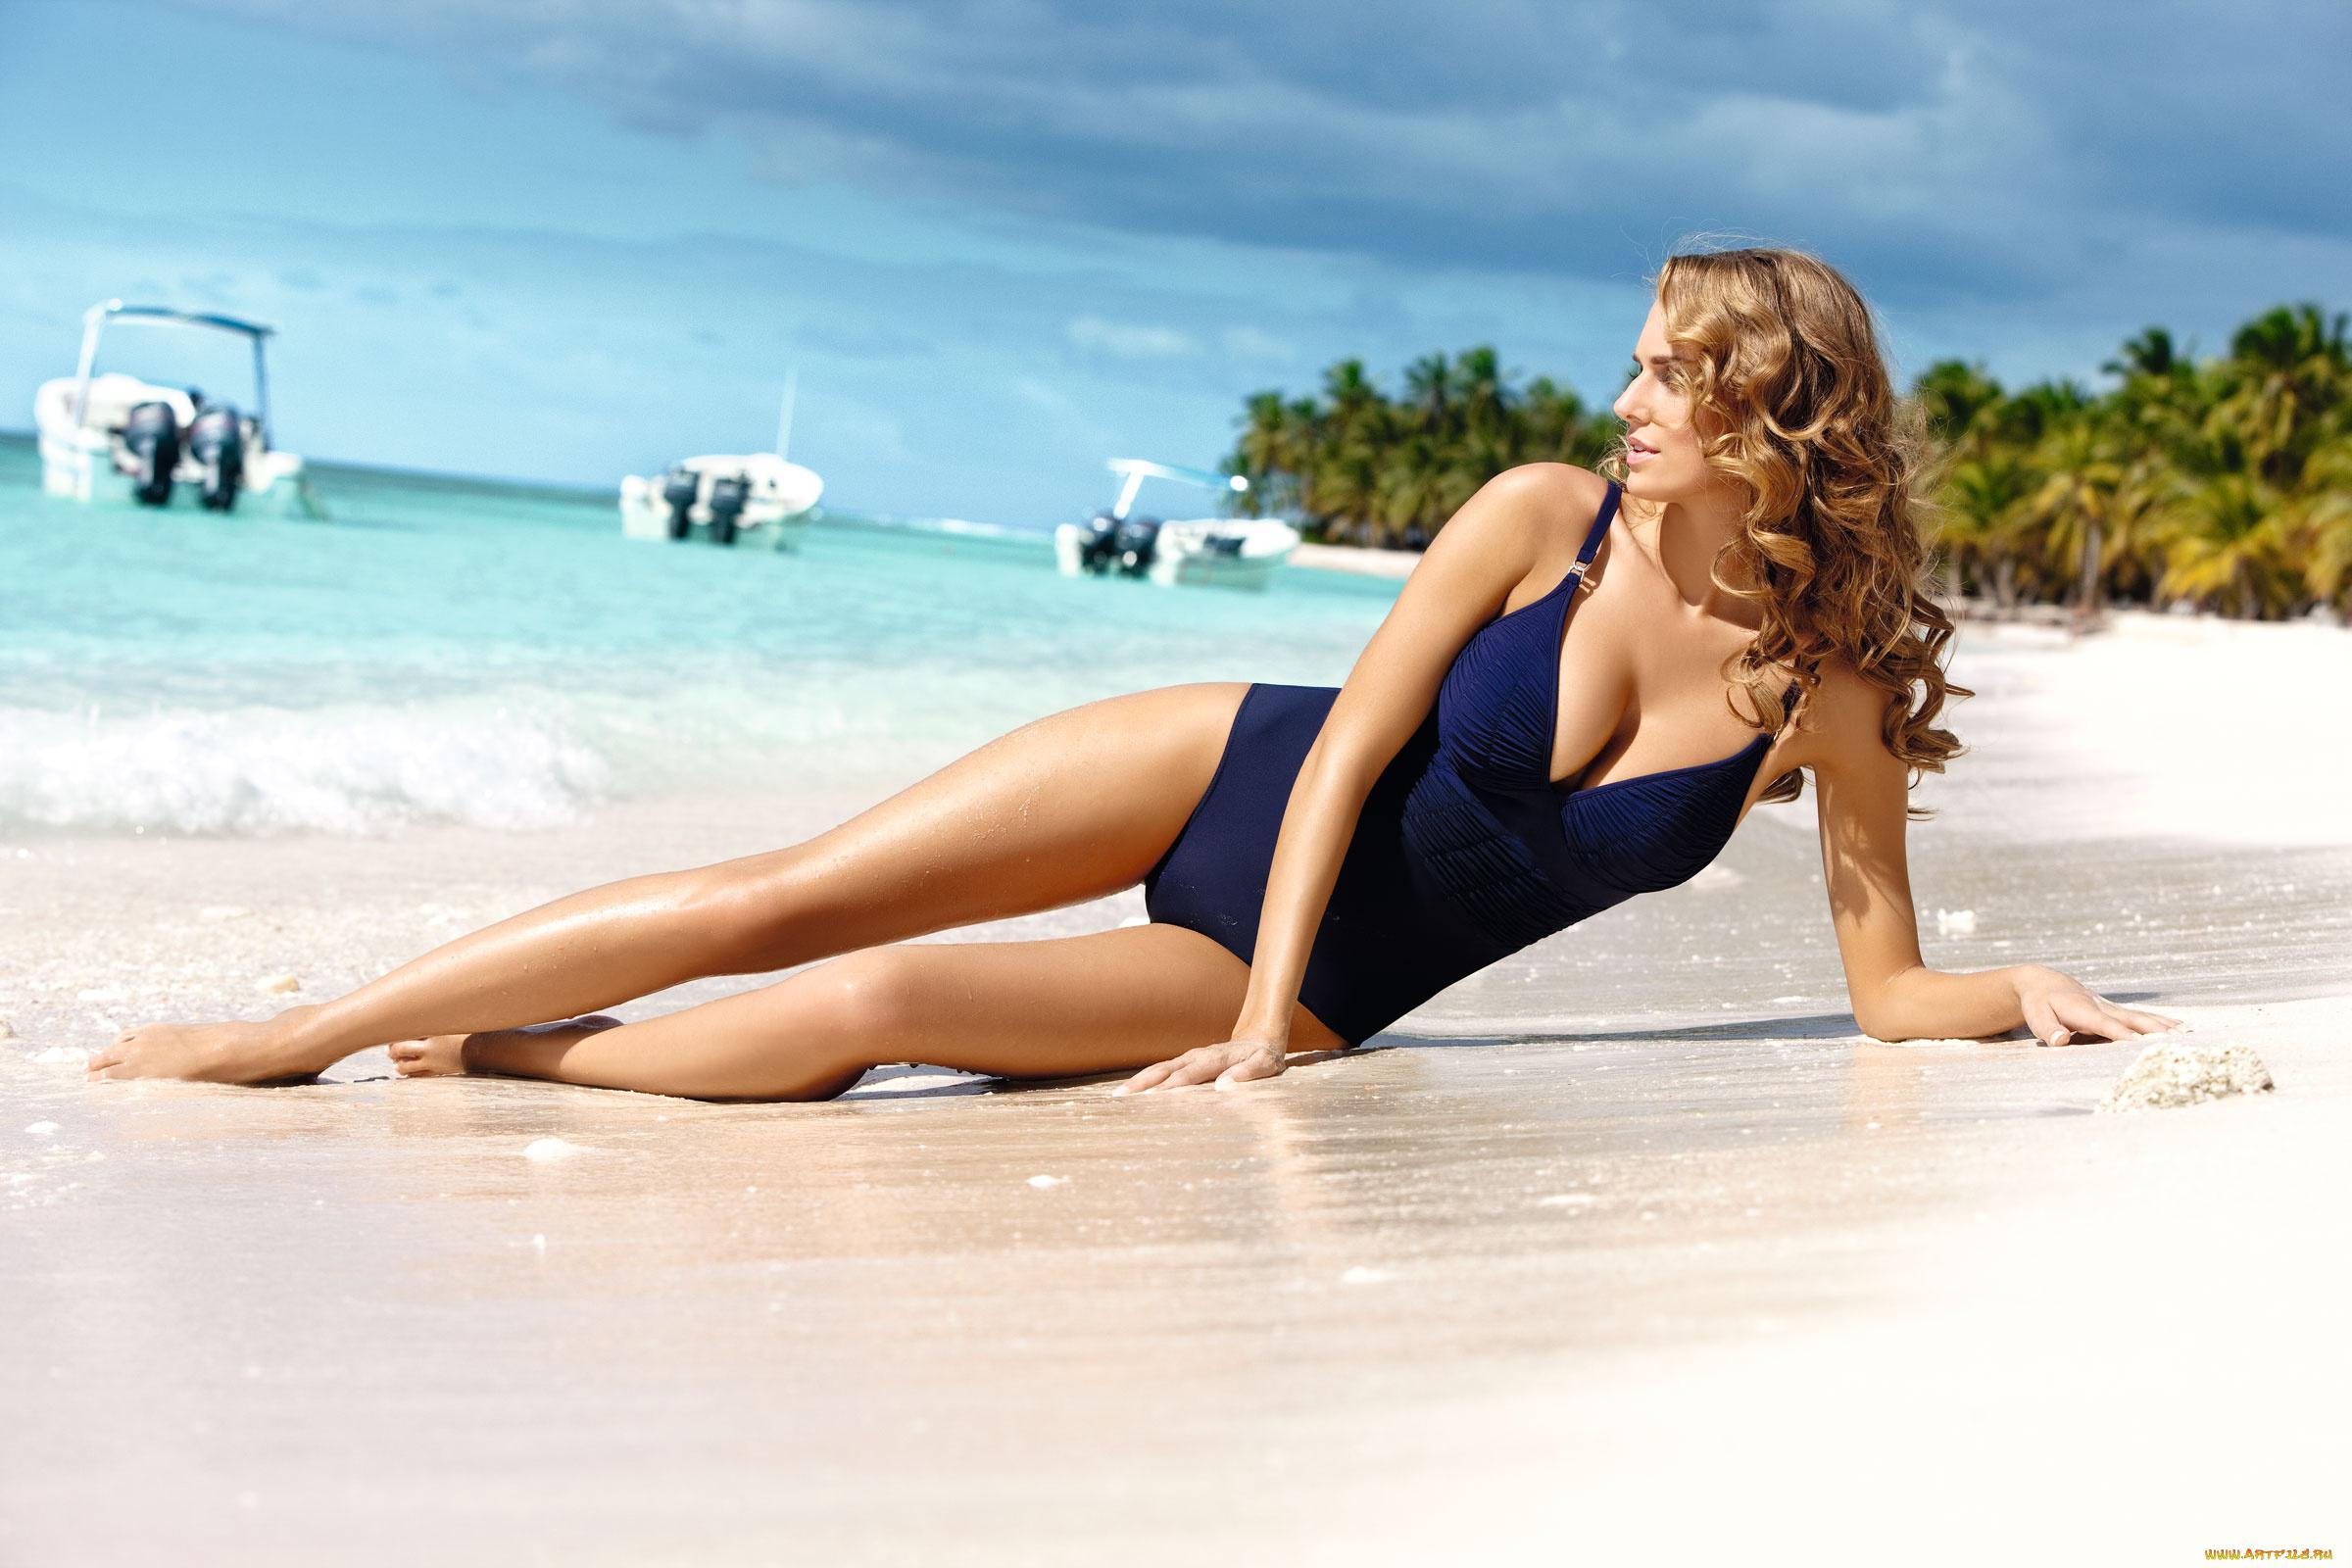 Пляж для загара  № 2468655 без смс